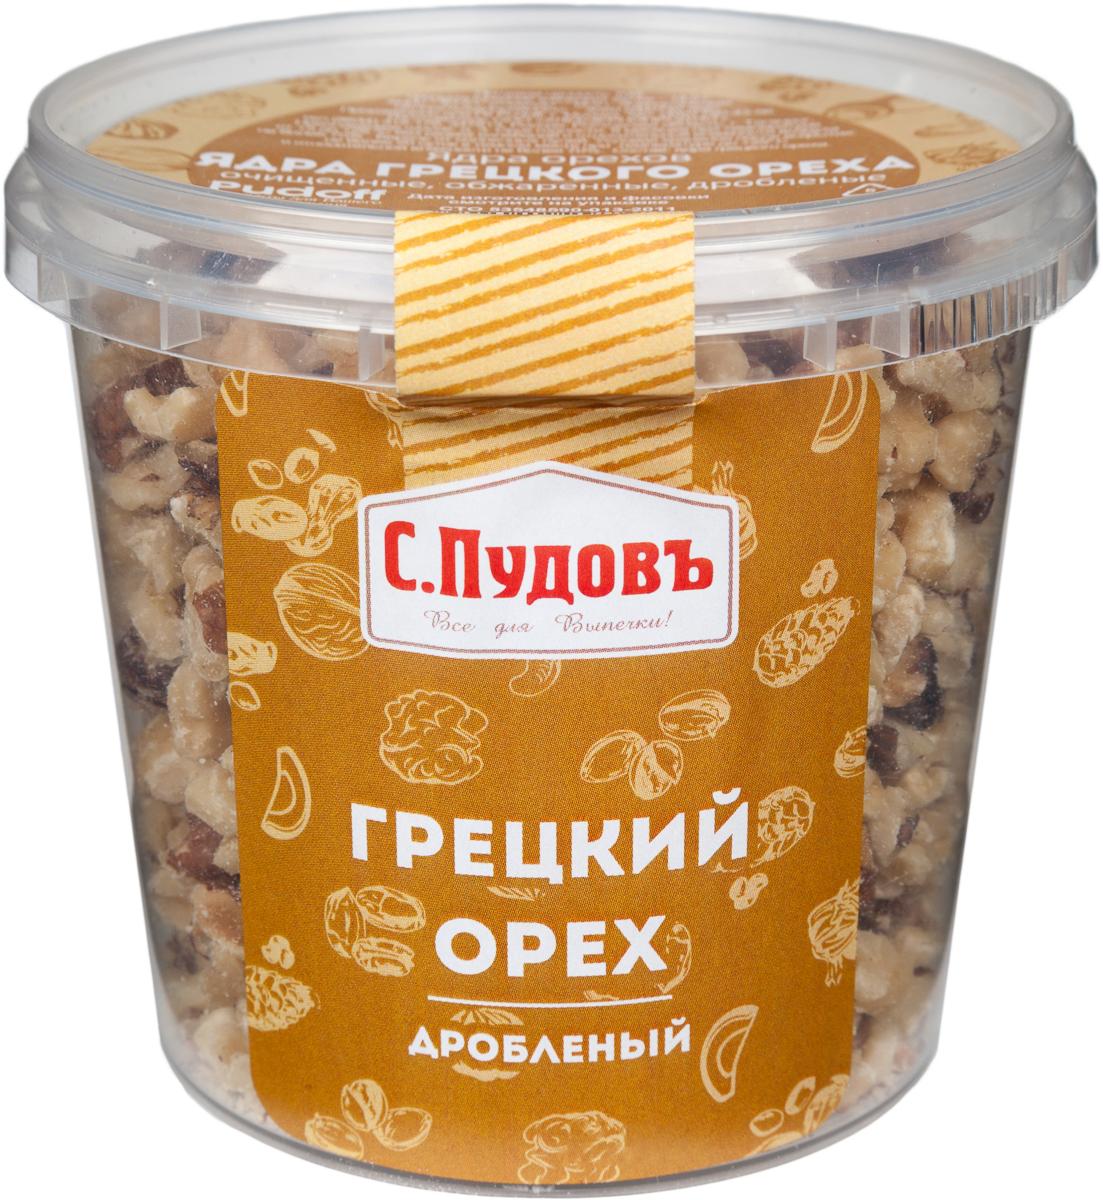 Пудовъ грецкий орех дробленый, 180 г грецкий орех господин орехов 180 г